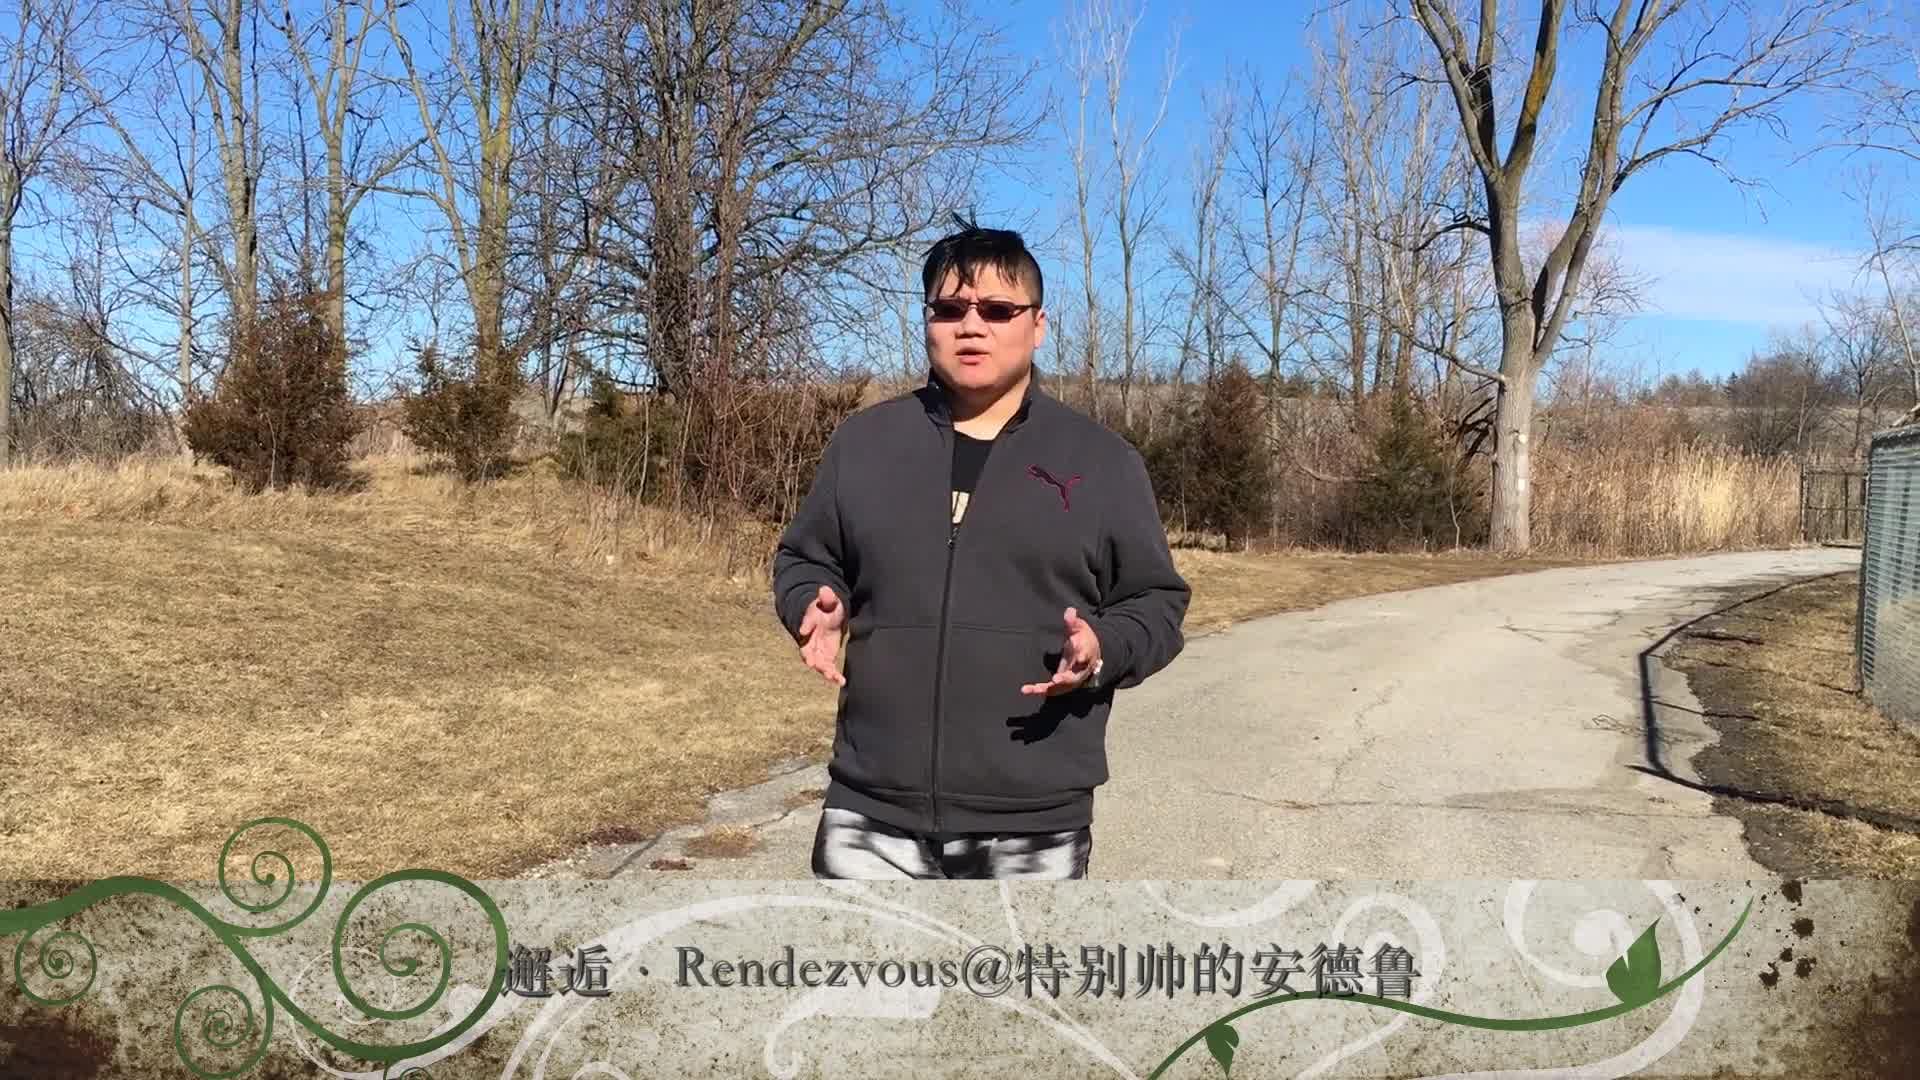 #邂逅·Rendezvous#-在加拿大,留学生打工真的能养活自己吗?